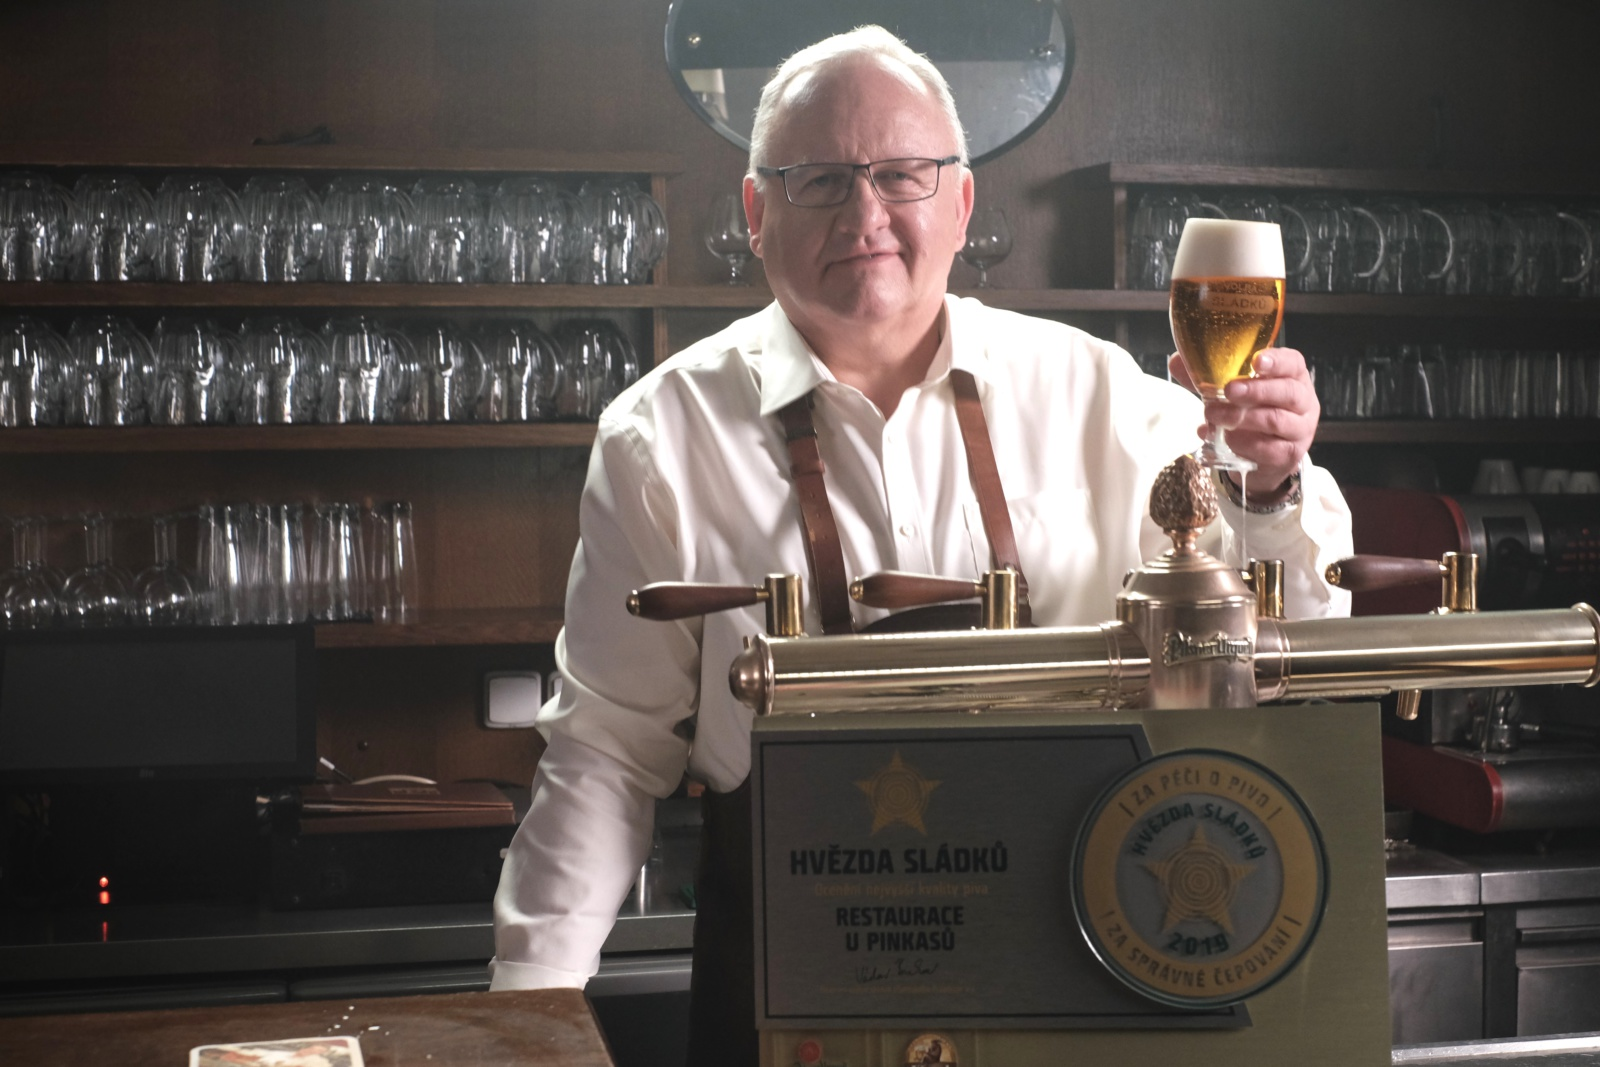 Hvězda sládků: Prazdroj rozjíždí novou certifikaci hospod se špičkově ošetřeným a čepovaným pivem